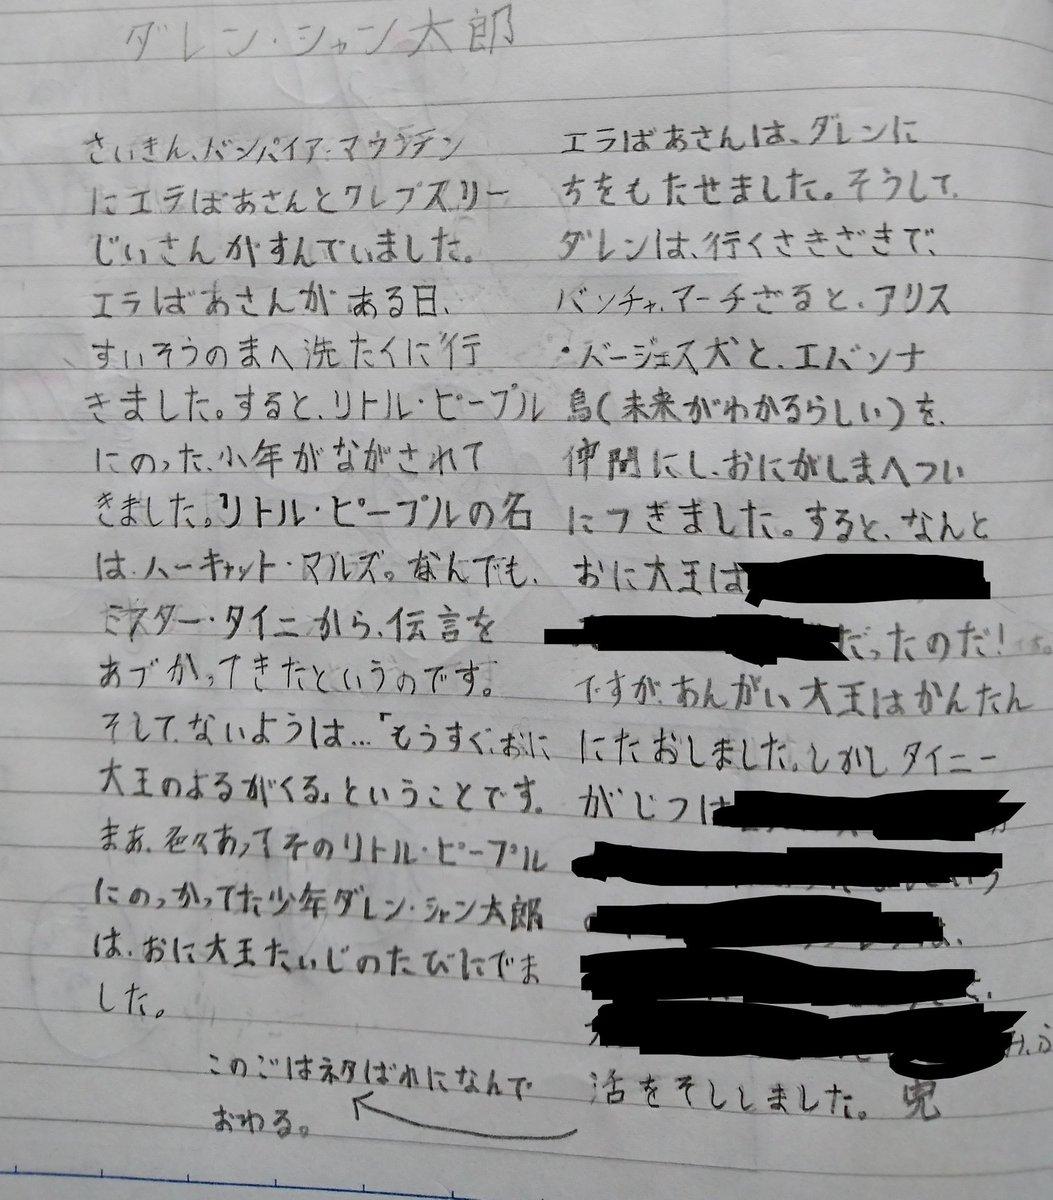 """টুইটারে 0yu: """"小学生のときのノートなのはわかるけど ..."""